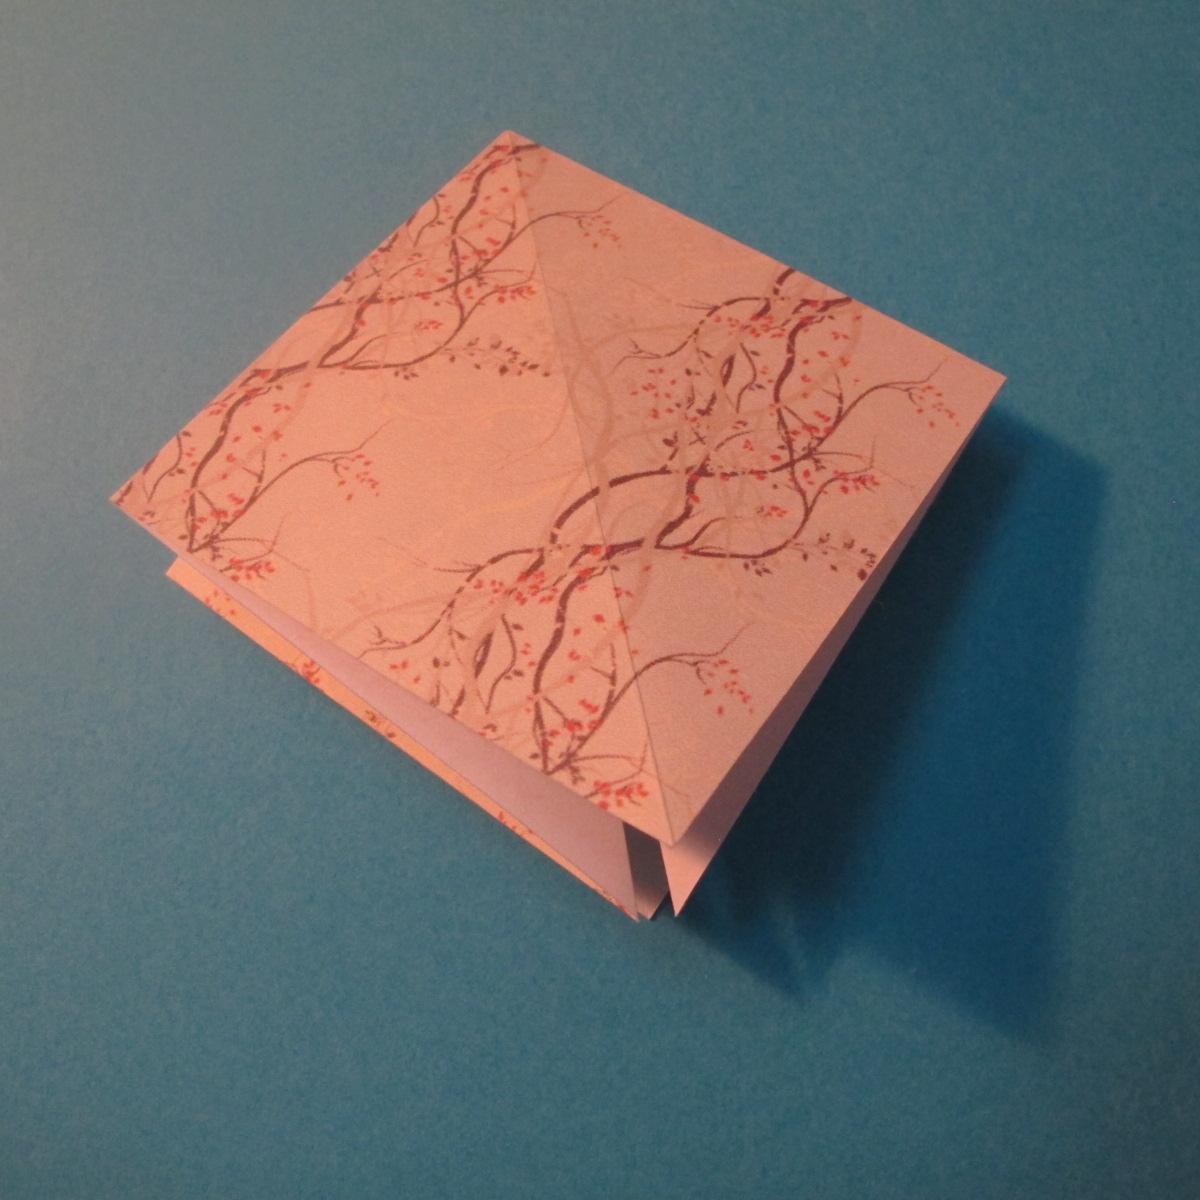 วิธีการพับกระดาษเป็นดาวสี่แฉก 008